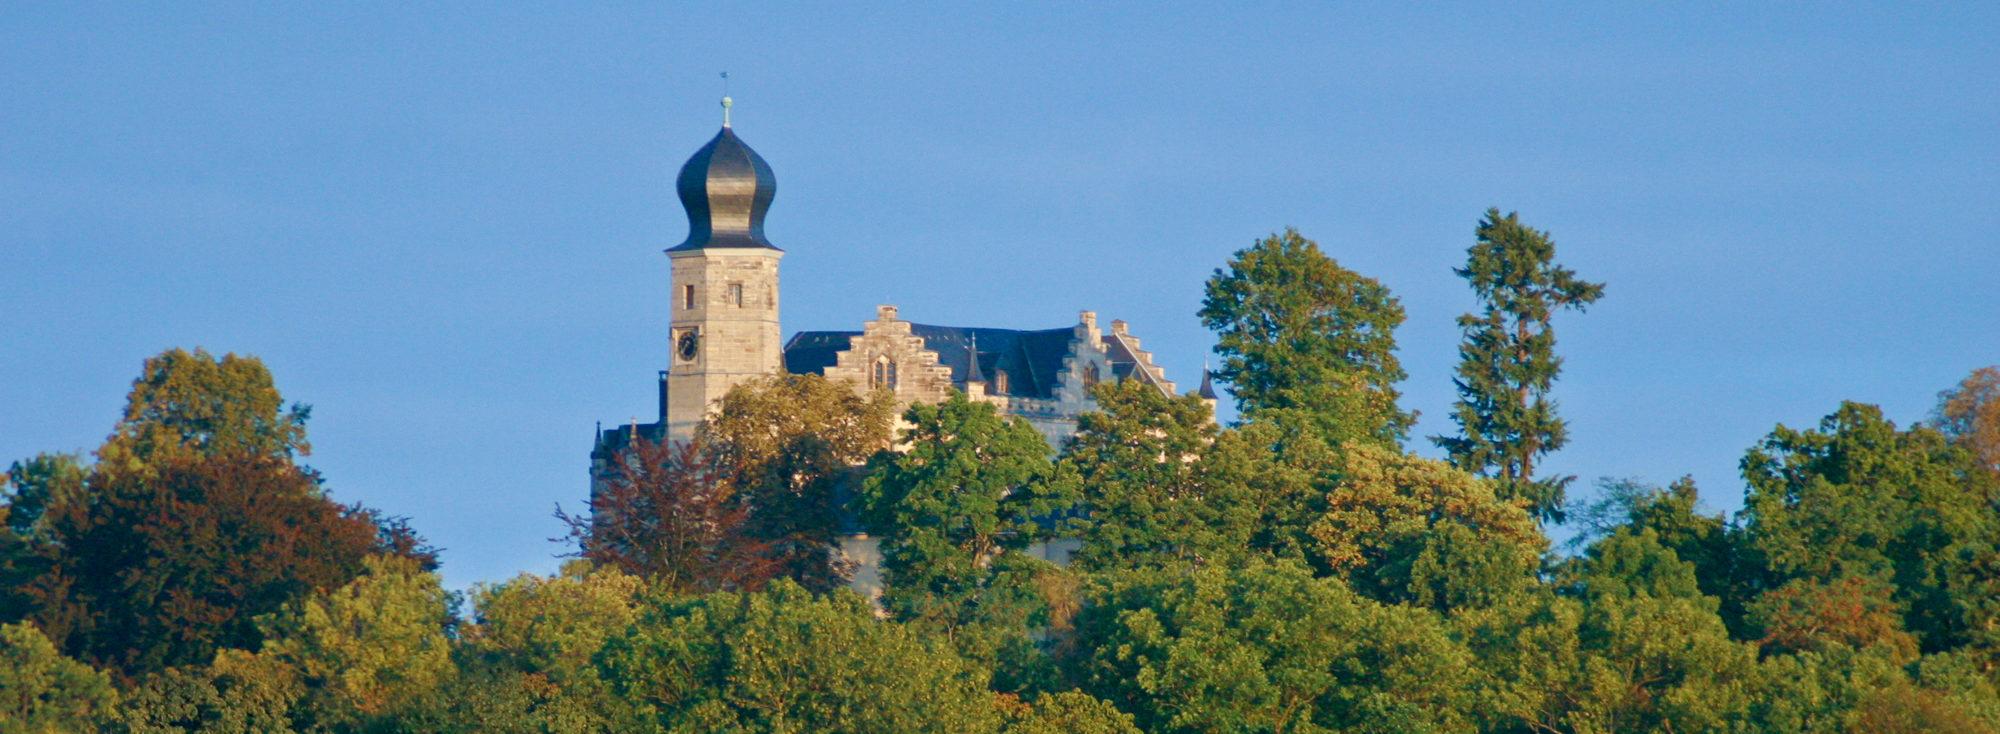 Bürgerverein Coburg-Beiersdorf e.V.